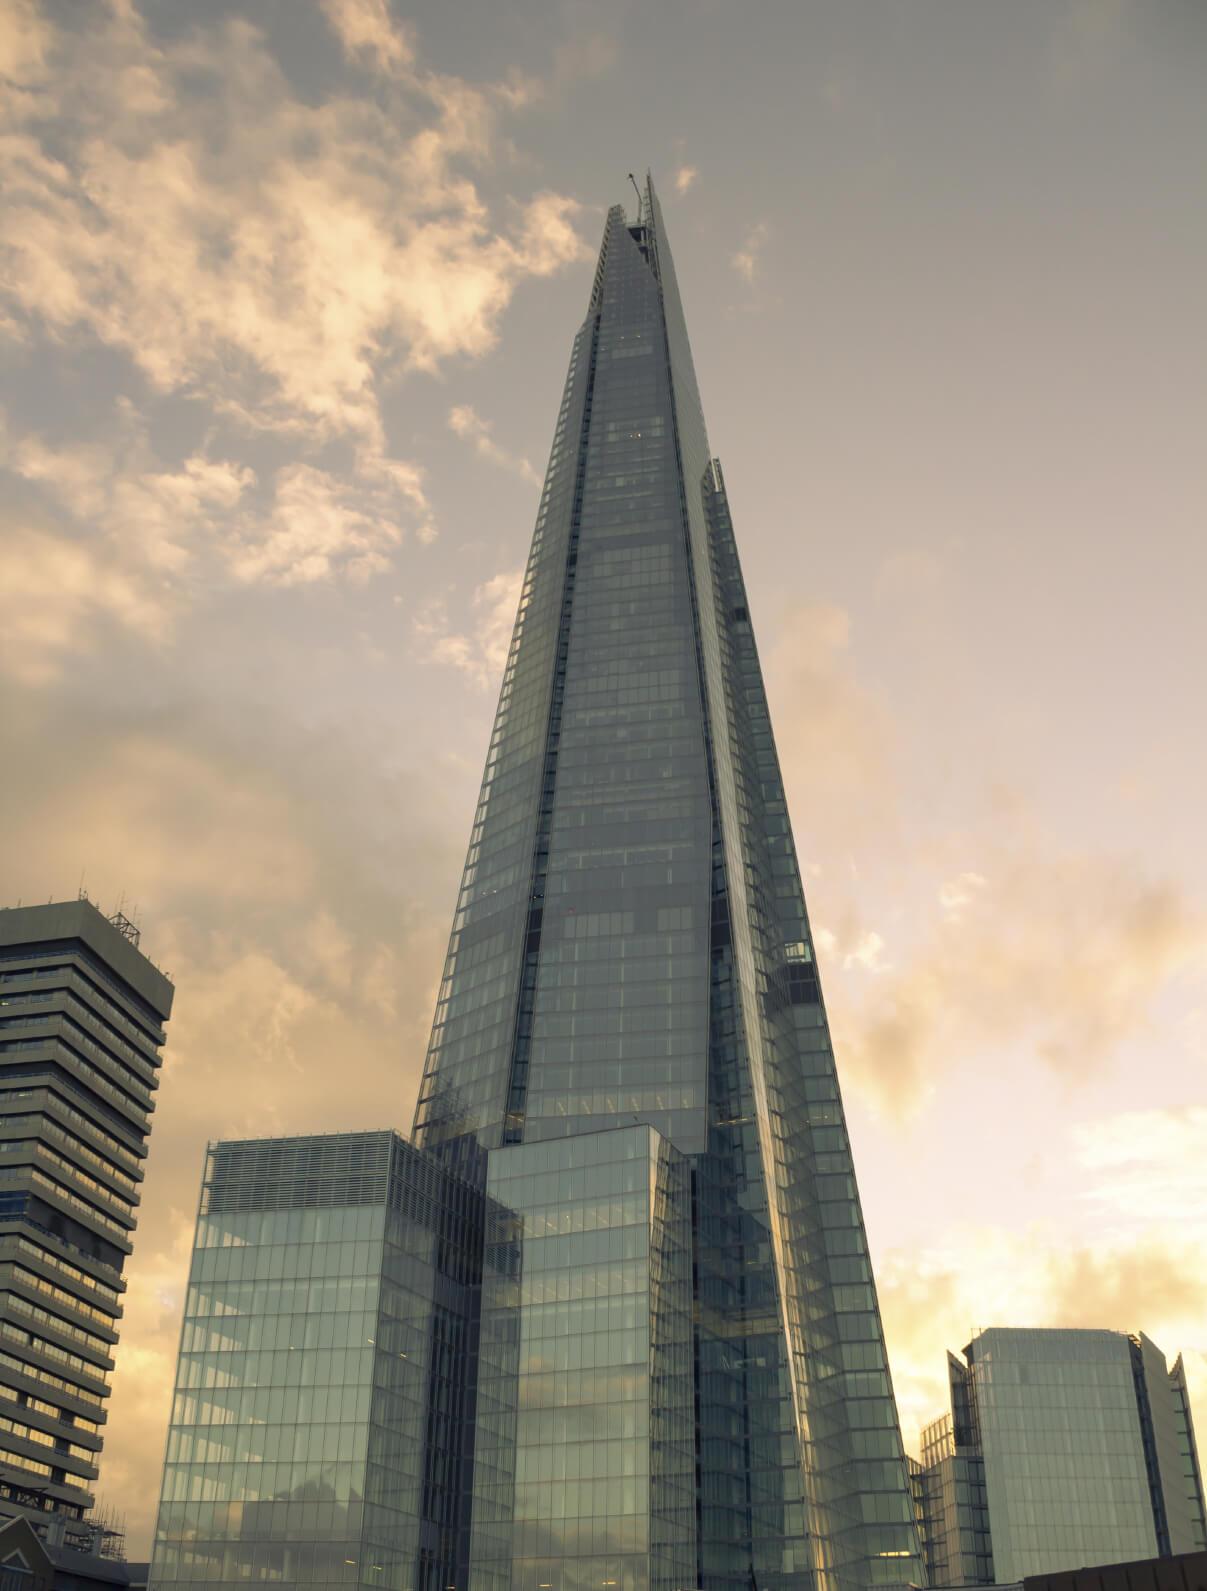 London – The Shard